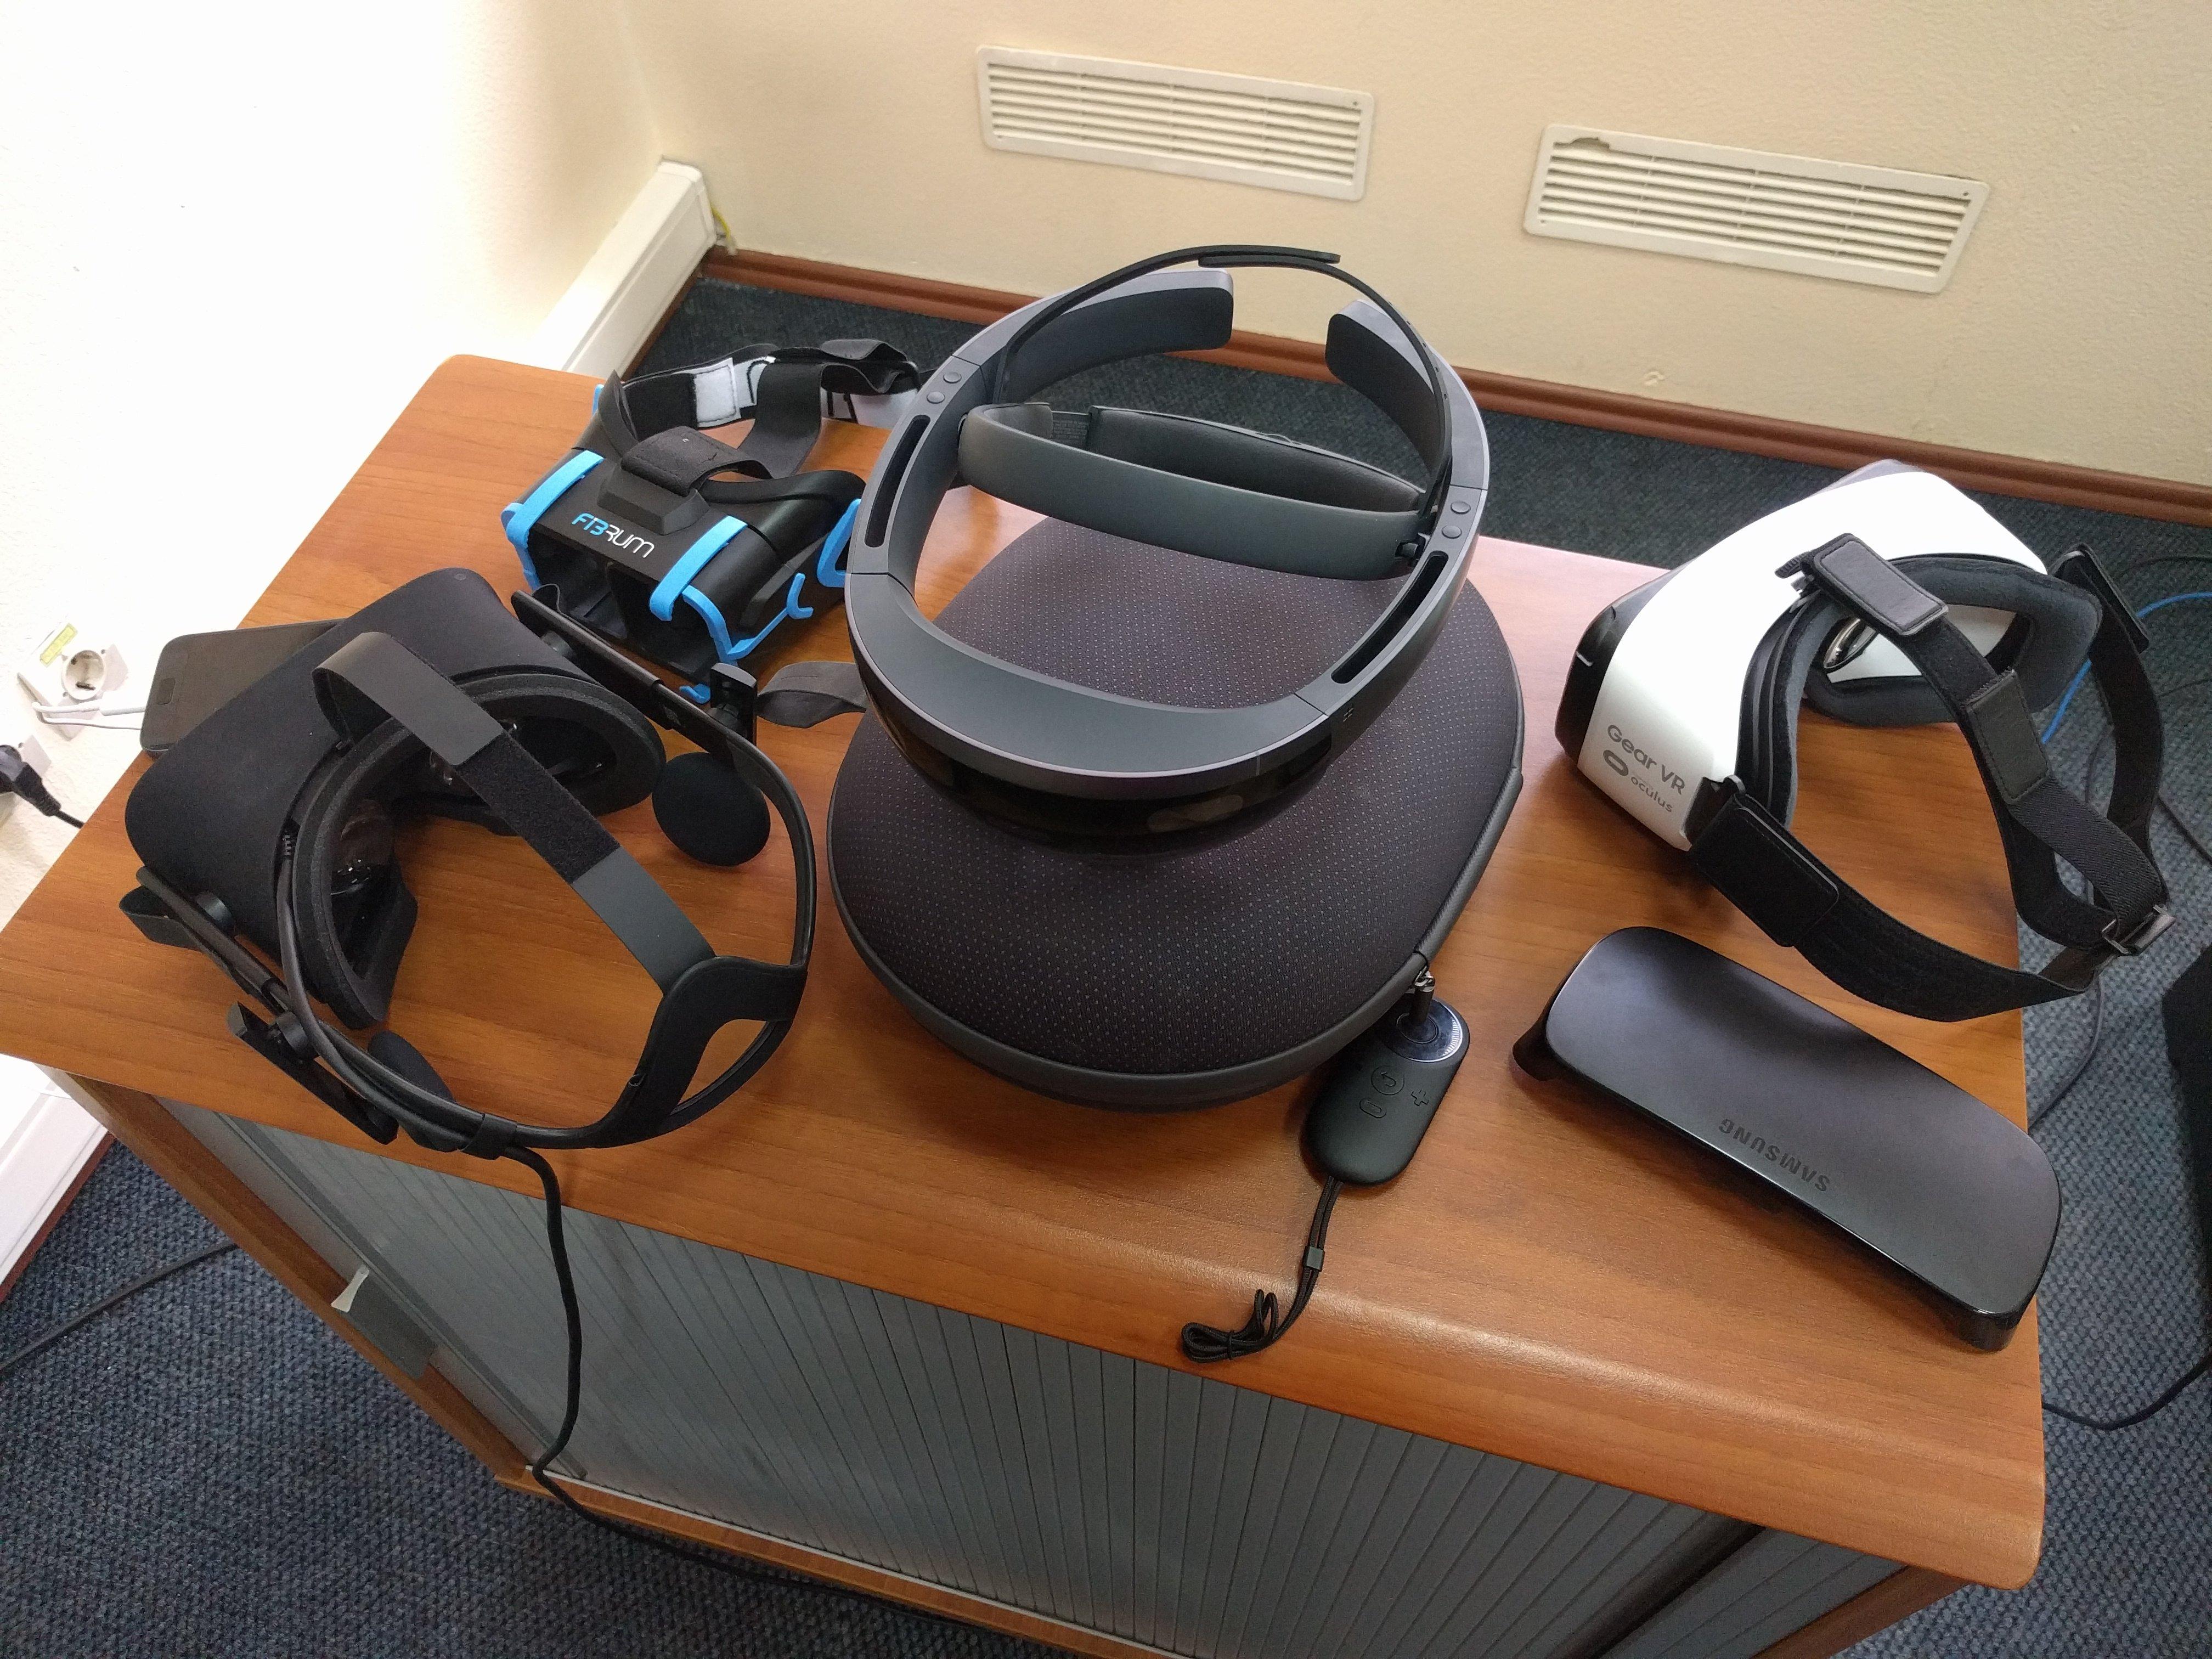 Предложили Трофимову и Пивоварову написать про VR - Изображение 1